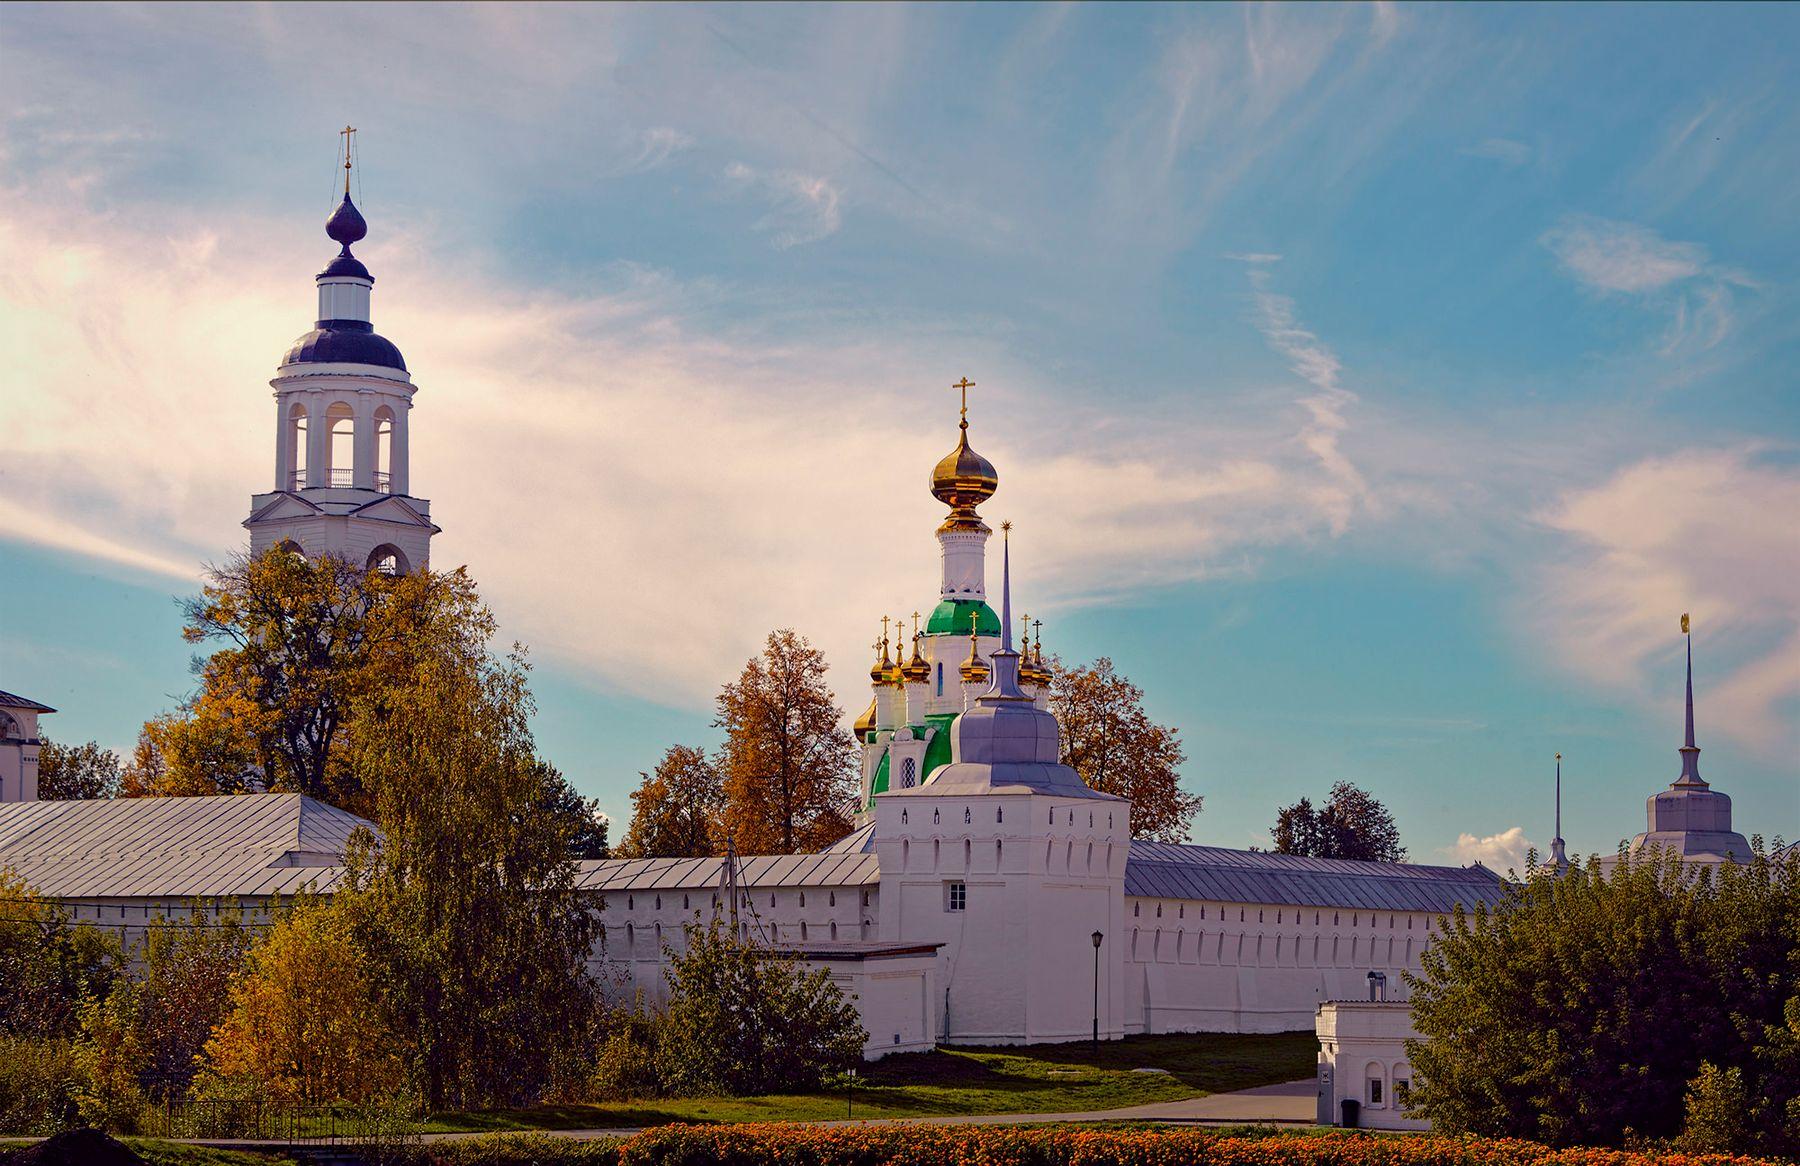 Толгский монастырь в Ярославле #1 Толга монастырь Ярославль 58kg